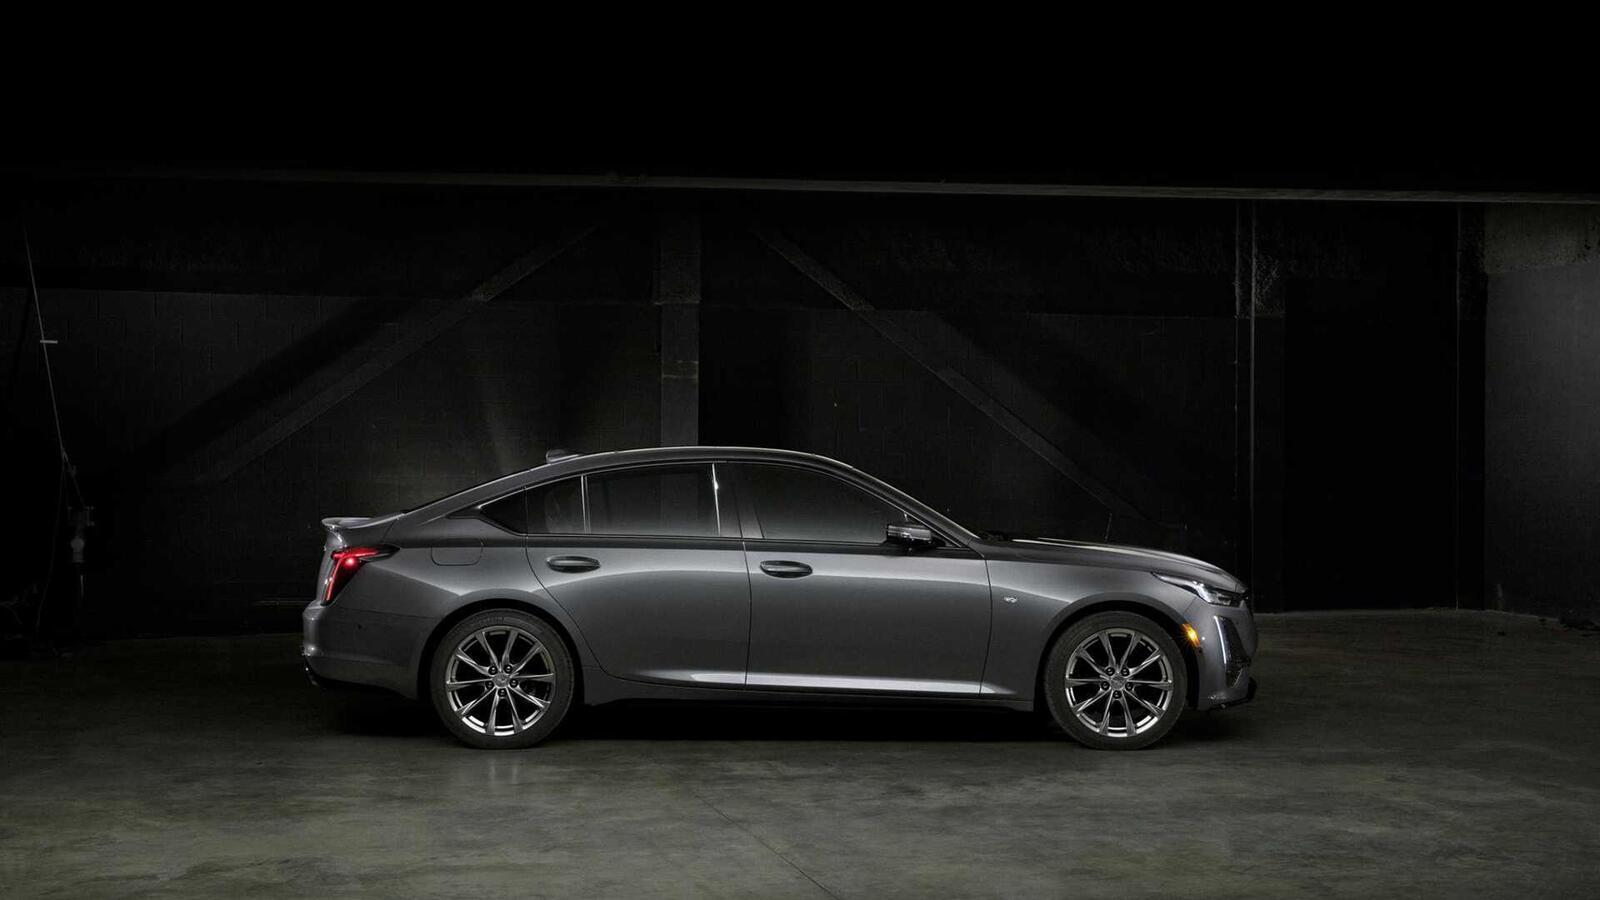 Xem trước sedan Cadillac CT5 hoàn toàn mới trước ngày ra mắt: kẻ thay thế  CTS - Hình 7